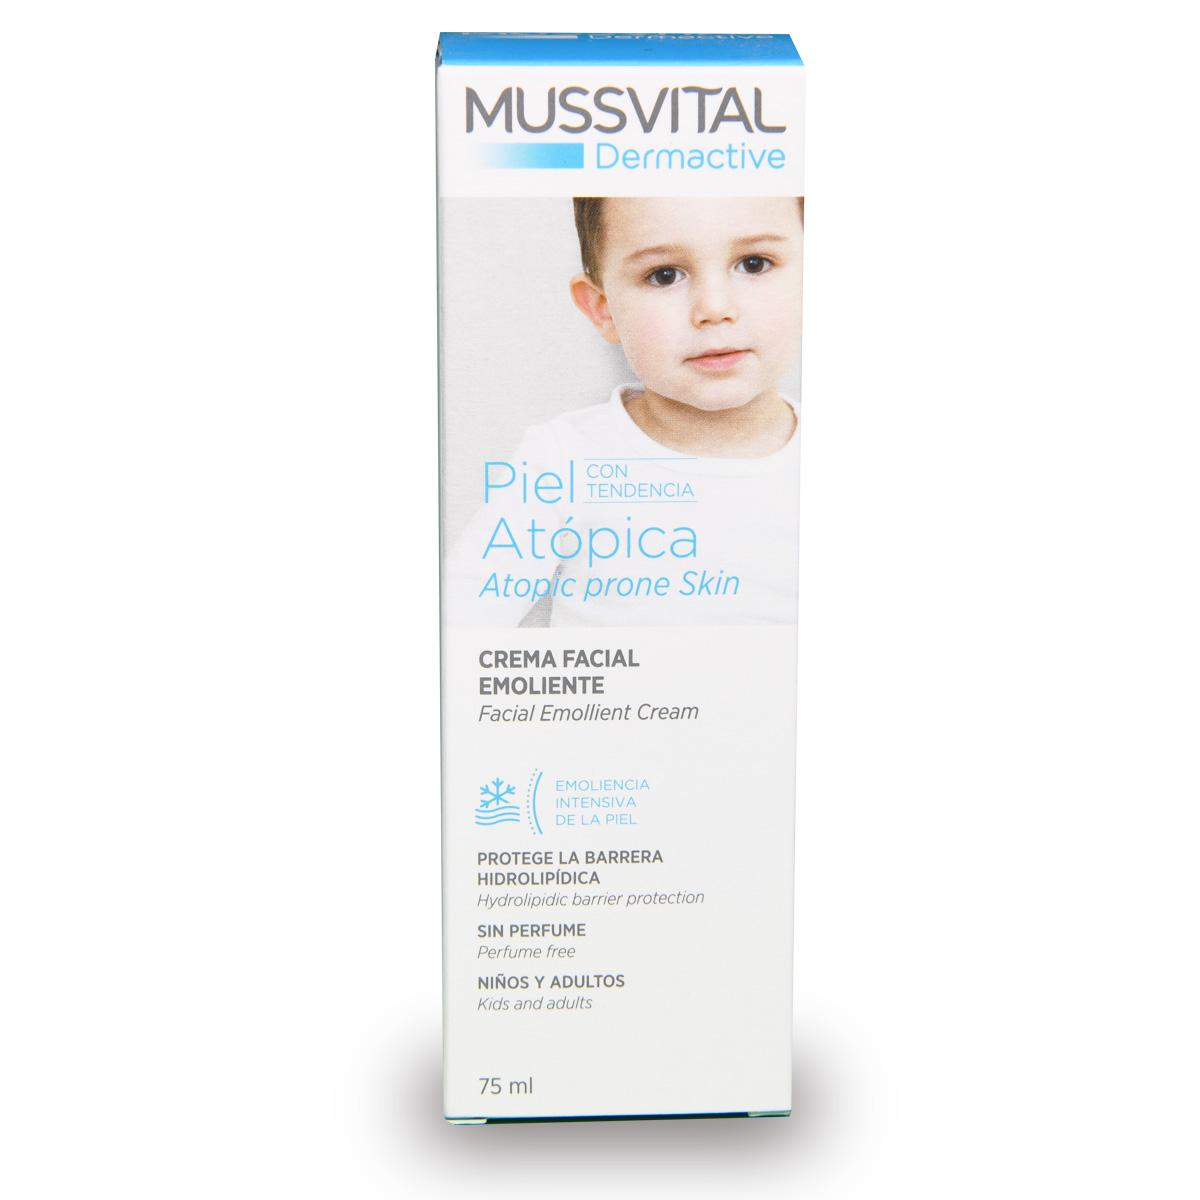 Mussvital Facial Emollient Cream - Atopic